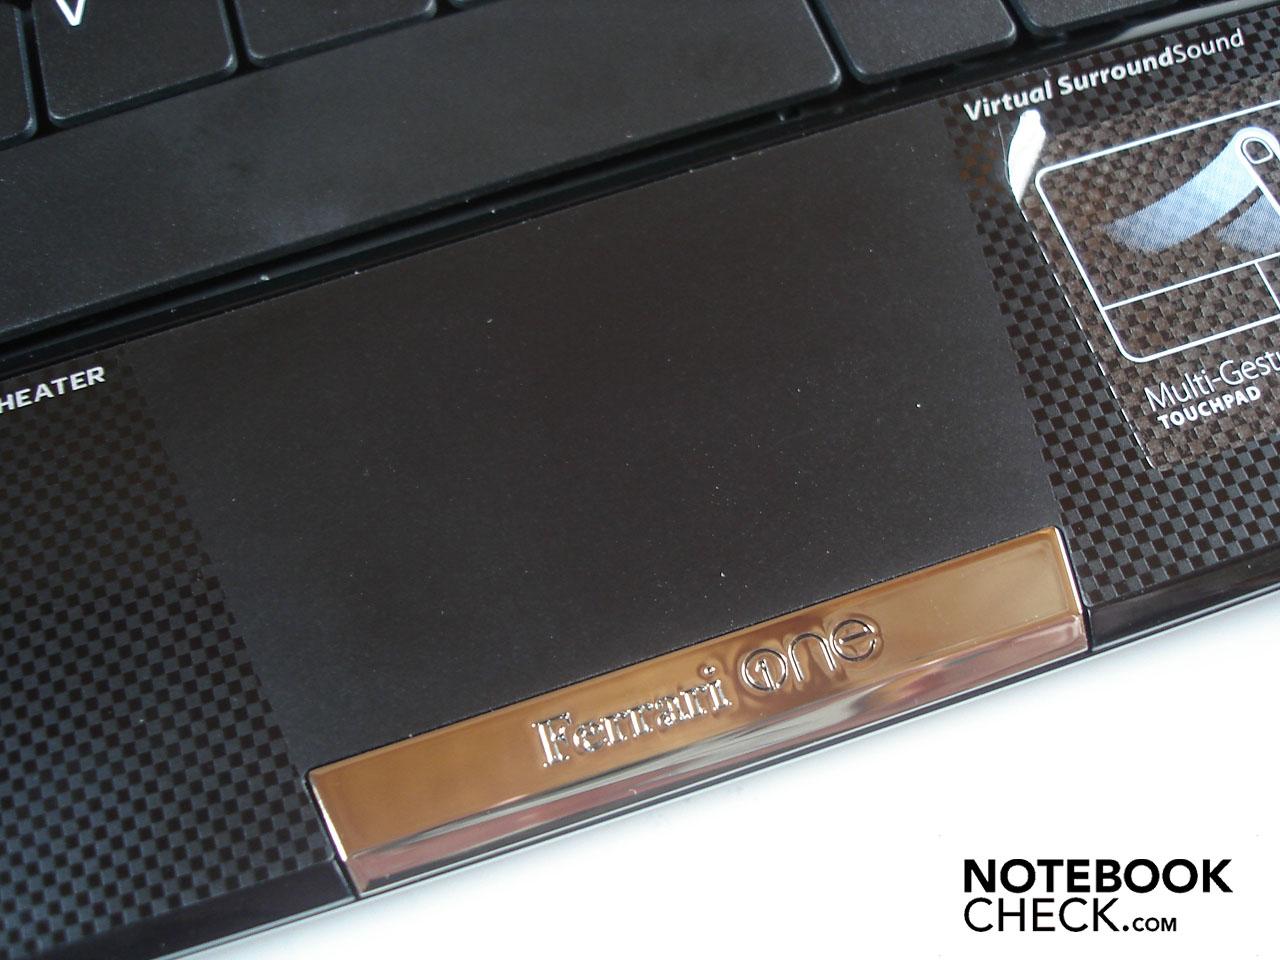 Acer TravelMate 8371 Notebook Realtek Card Reader 64Bit